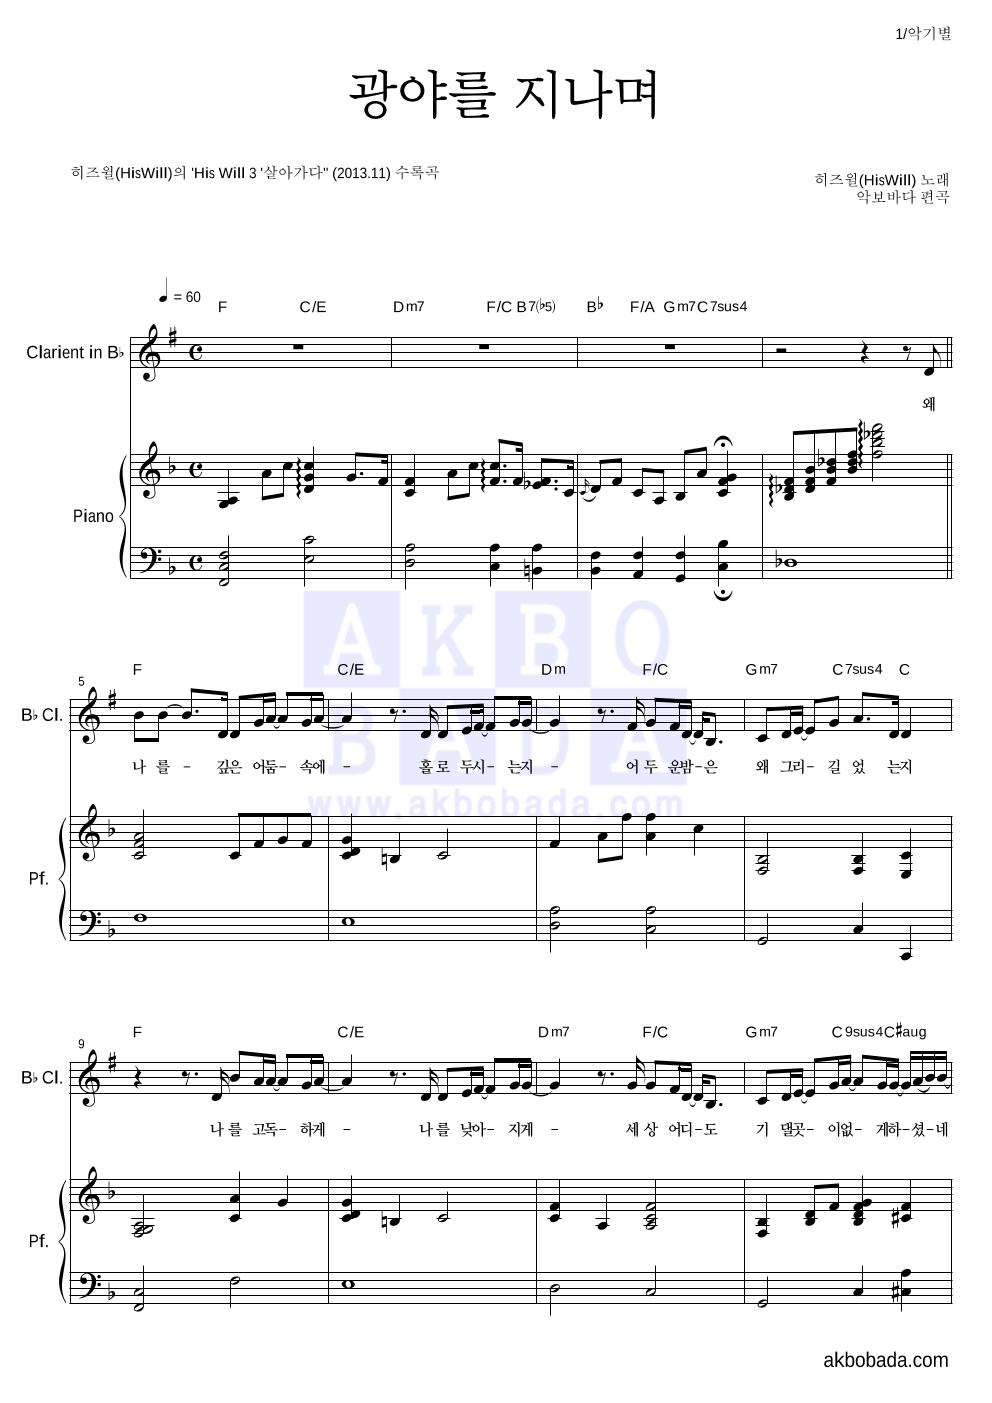 히즈윌 - 광야를 지나며 클라리넷&피아노 악보